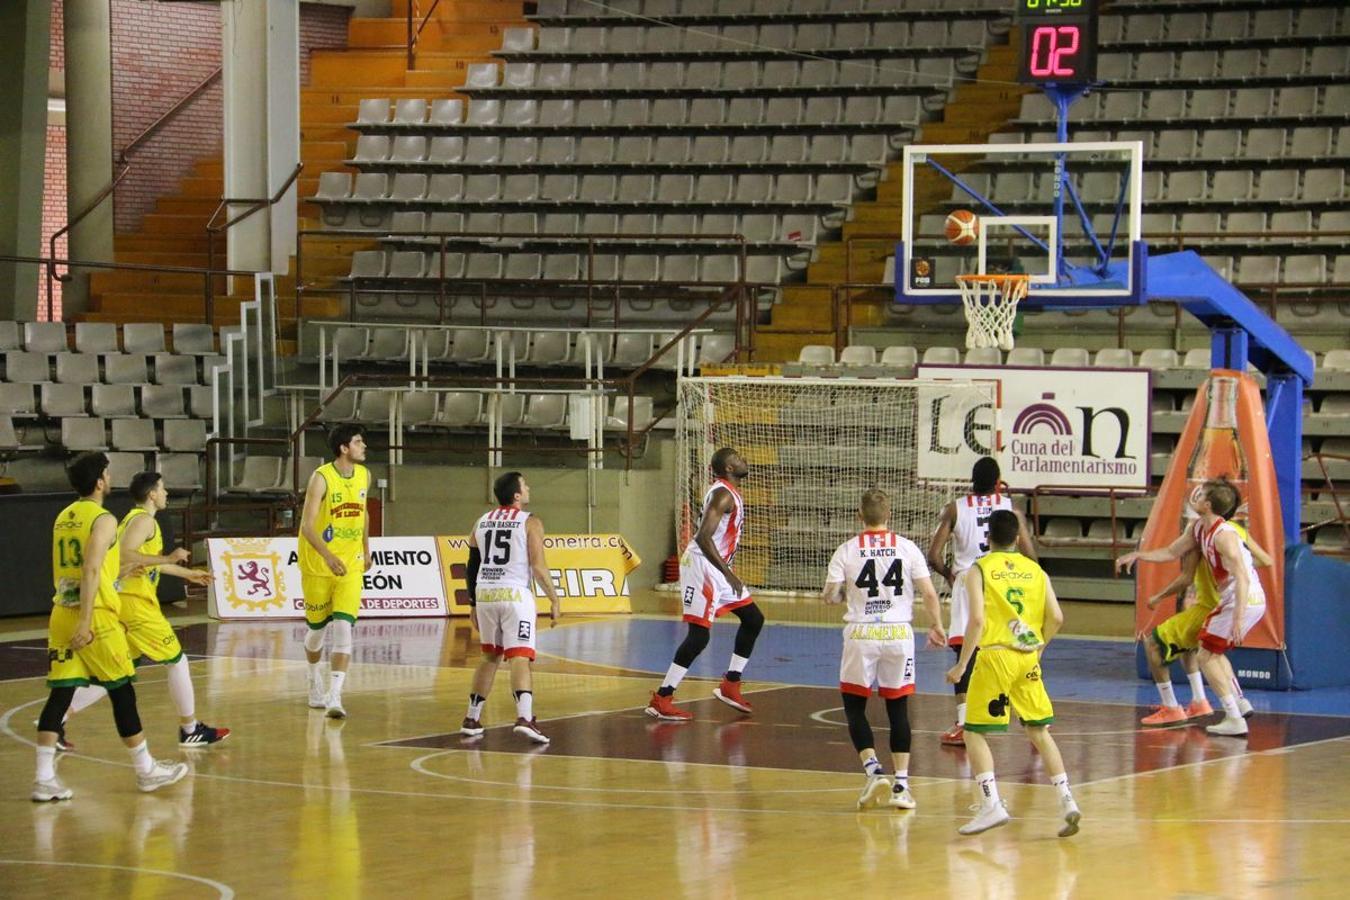 Las imágenes del partido entre Basket León y Basket Gijón